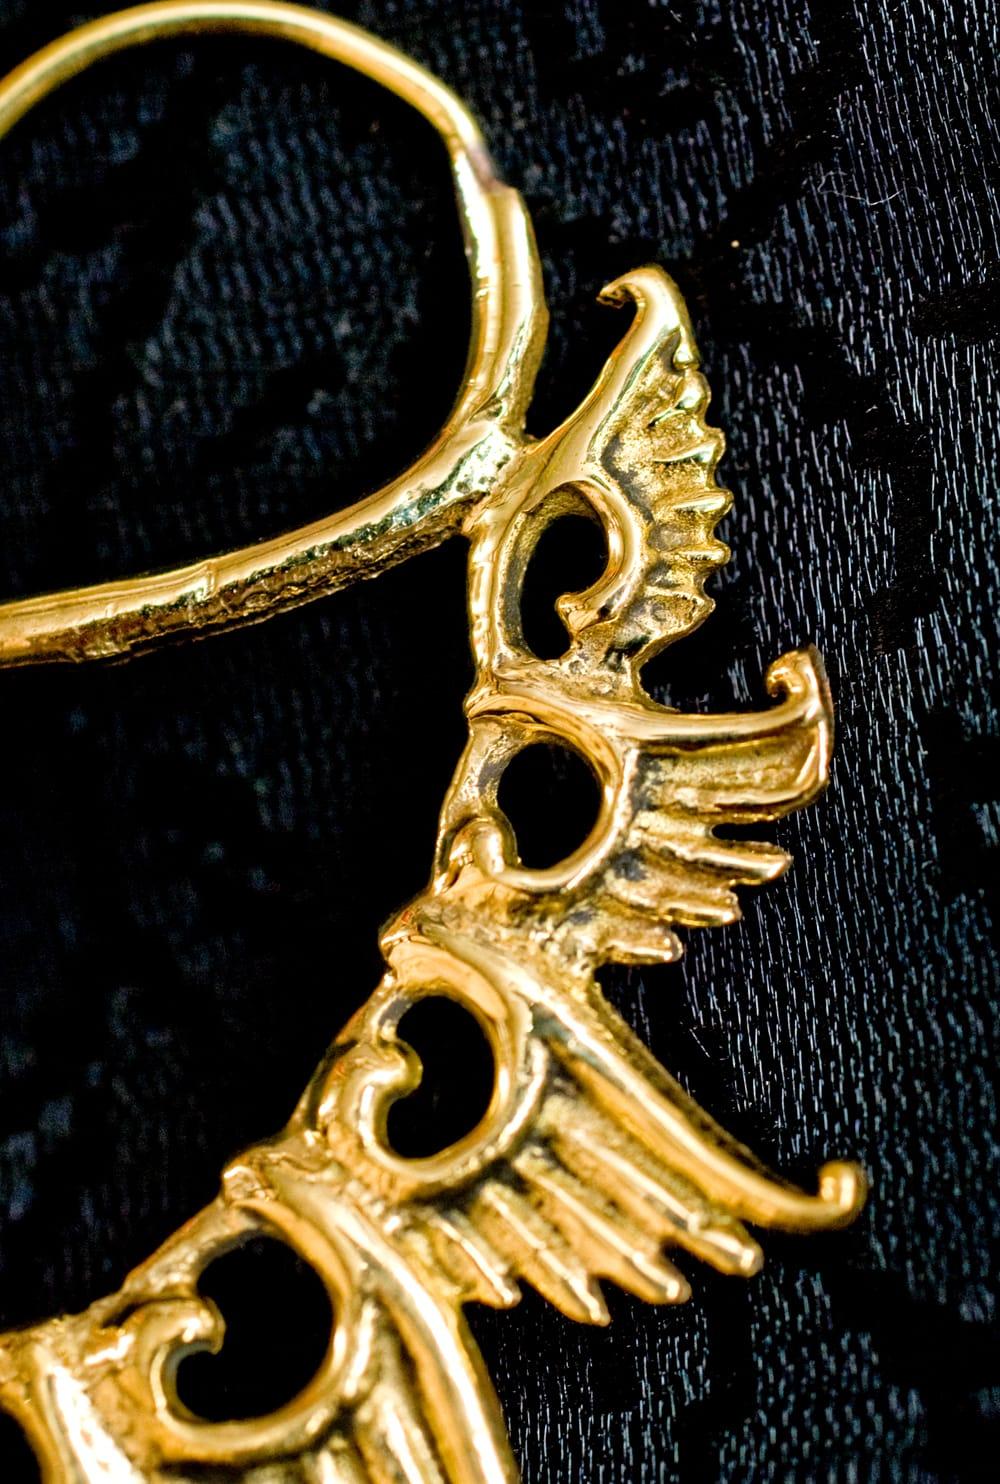 くじゃく羽根の艶めきゴールドピアス 3 - 別のアングルからモチーフを拡大してみました